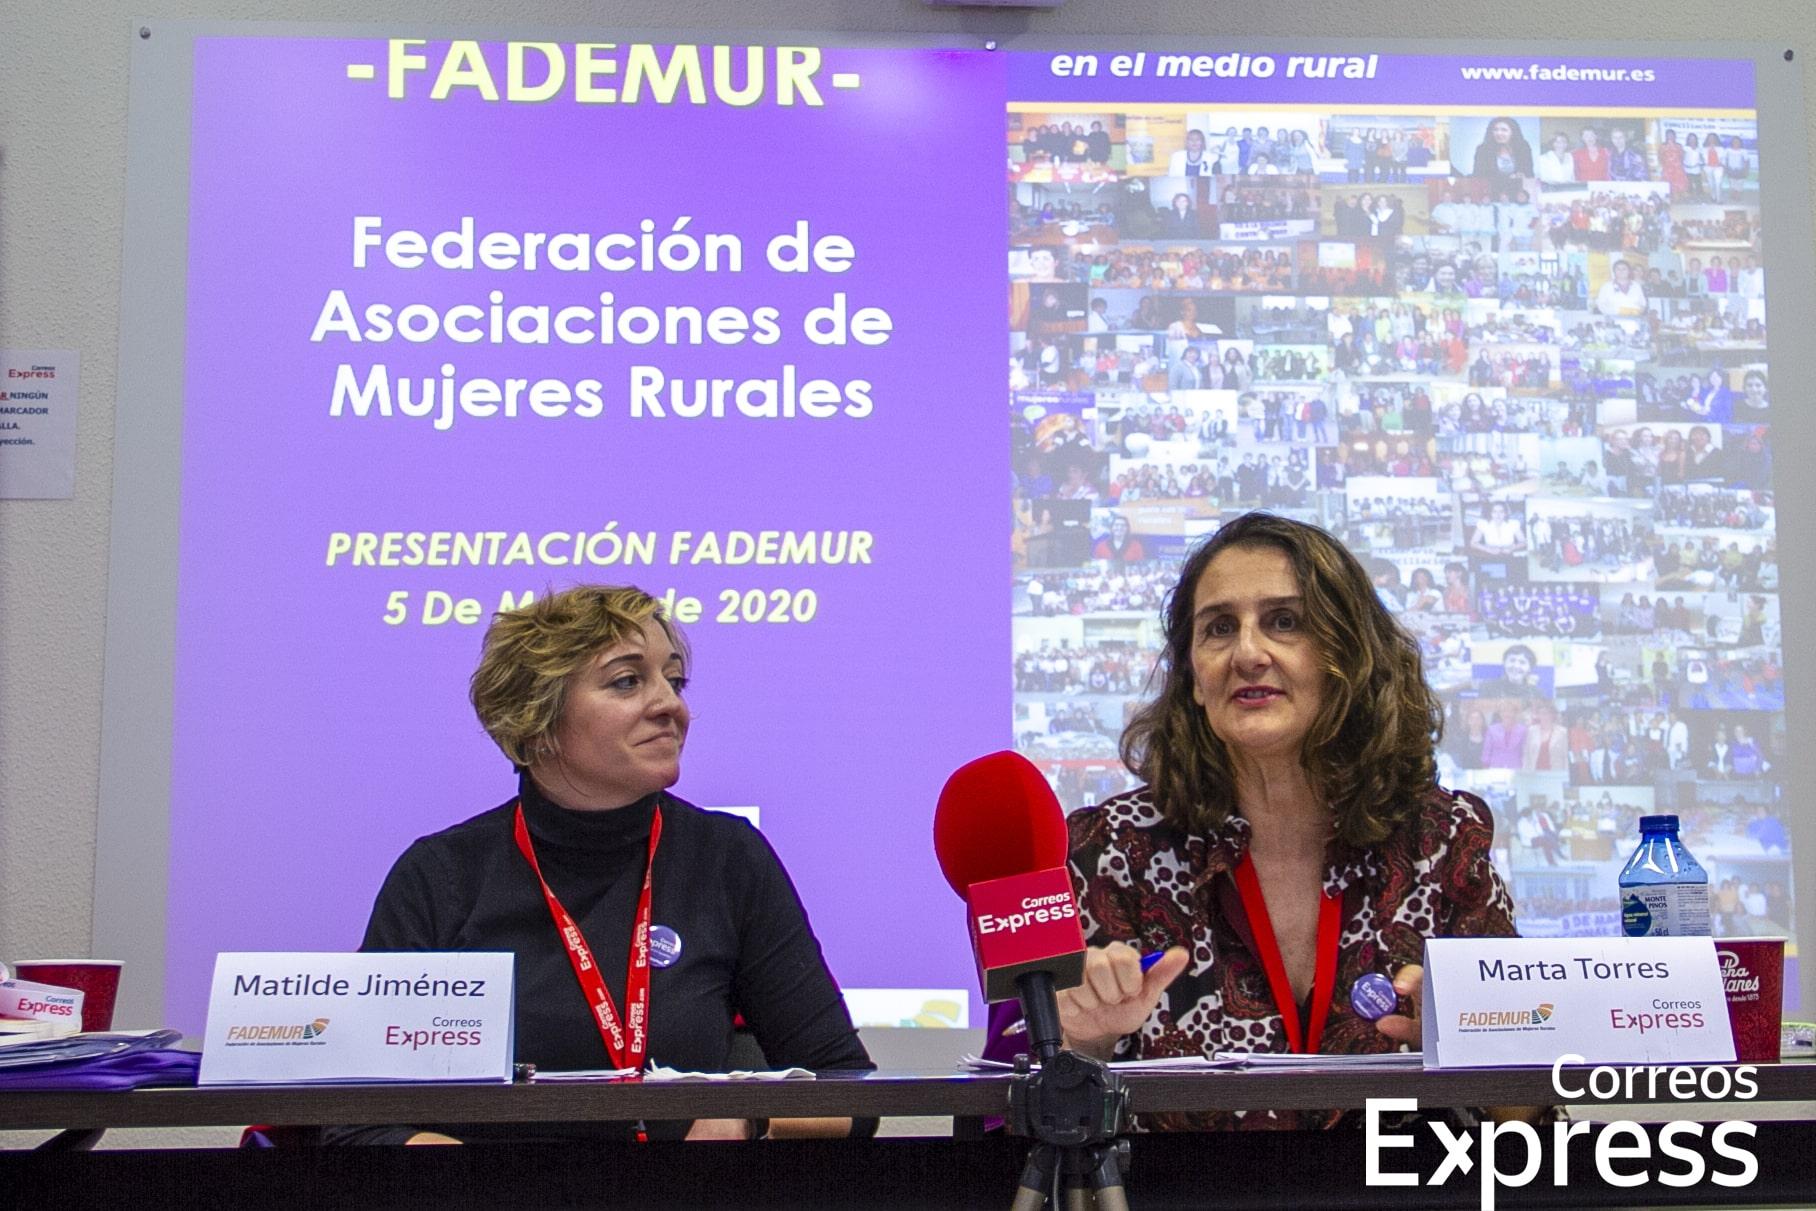 FADEMUR presenta ante los empleados de Correos Express su labor en materia de igualdad y progreso de las mujeres rurales en España